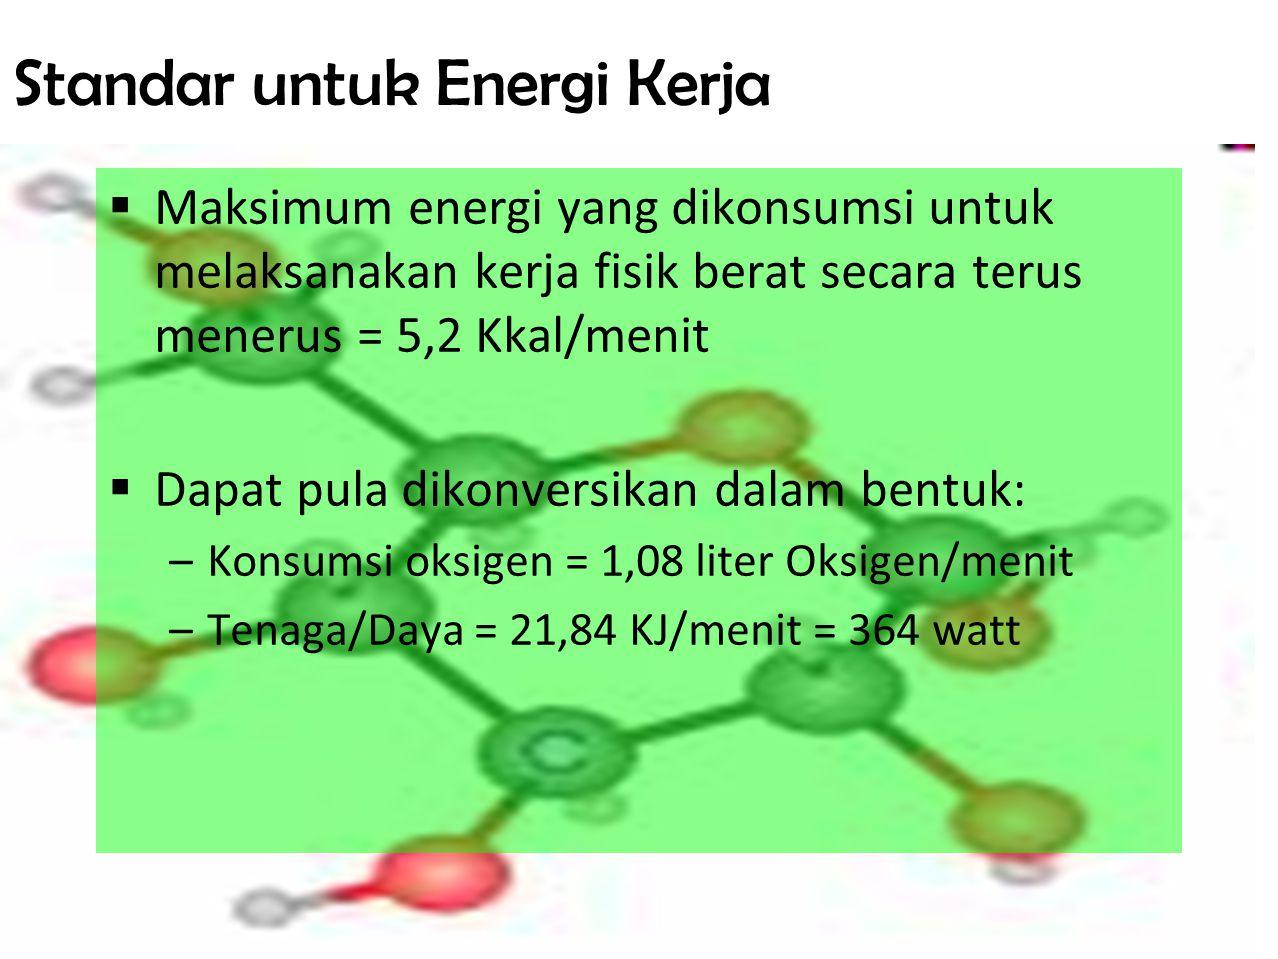 Standar untuk Energi Kerja